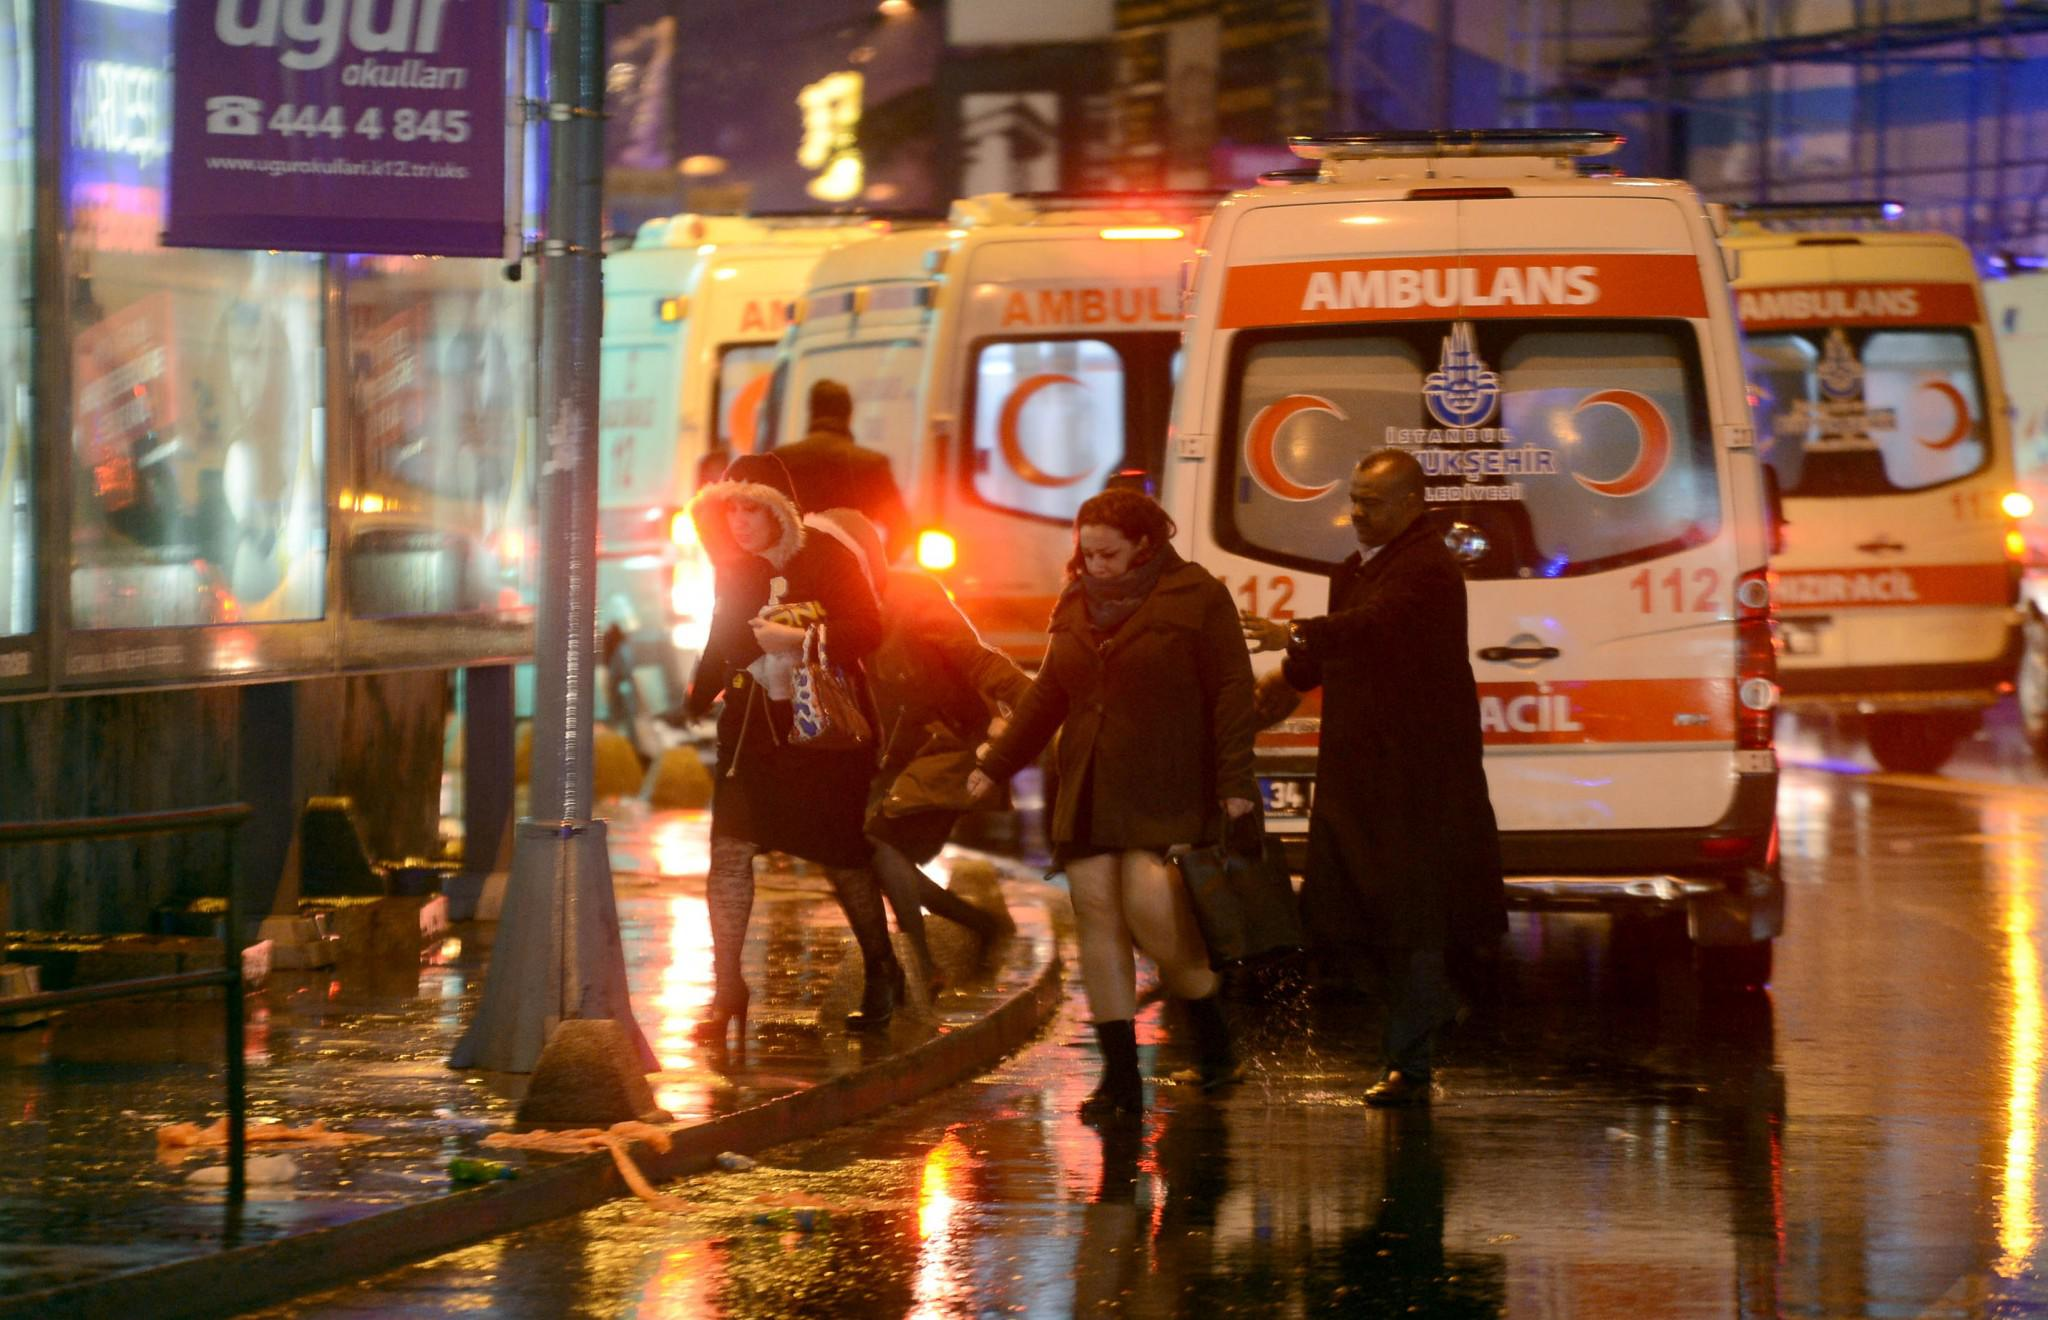 tourkia-epithesi-klamp-nekroi-9 Αυτός είναι ο μακελάρης της Κωνσταντινούπολης [εικόνες]